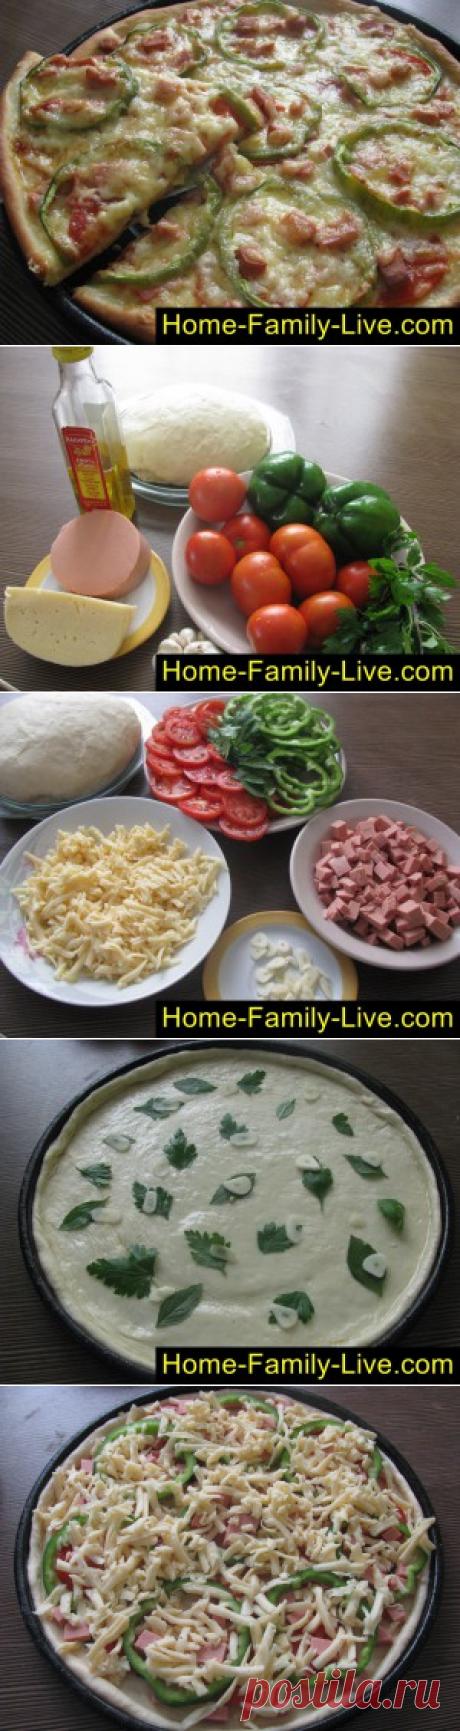 Пицца - пошаговый фоторецепт - пицца с колбасойКулинарные рецепты